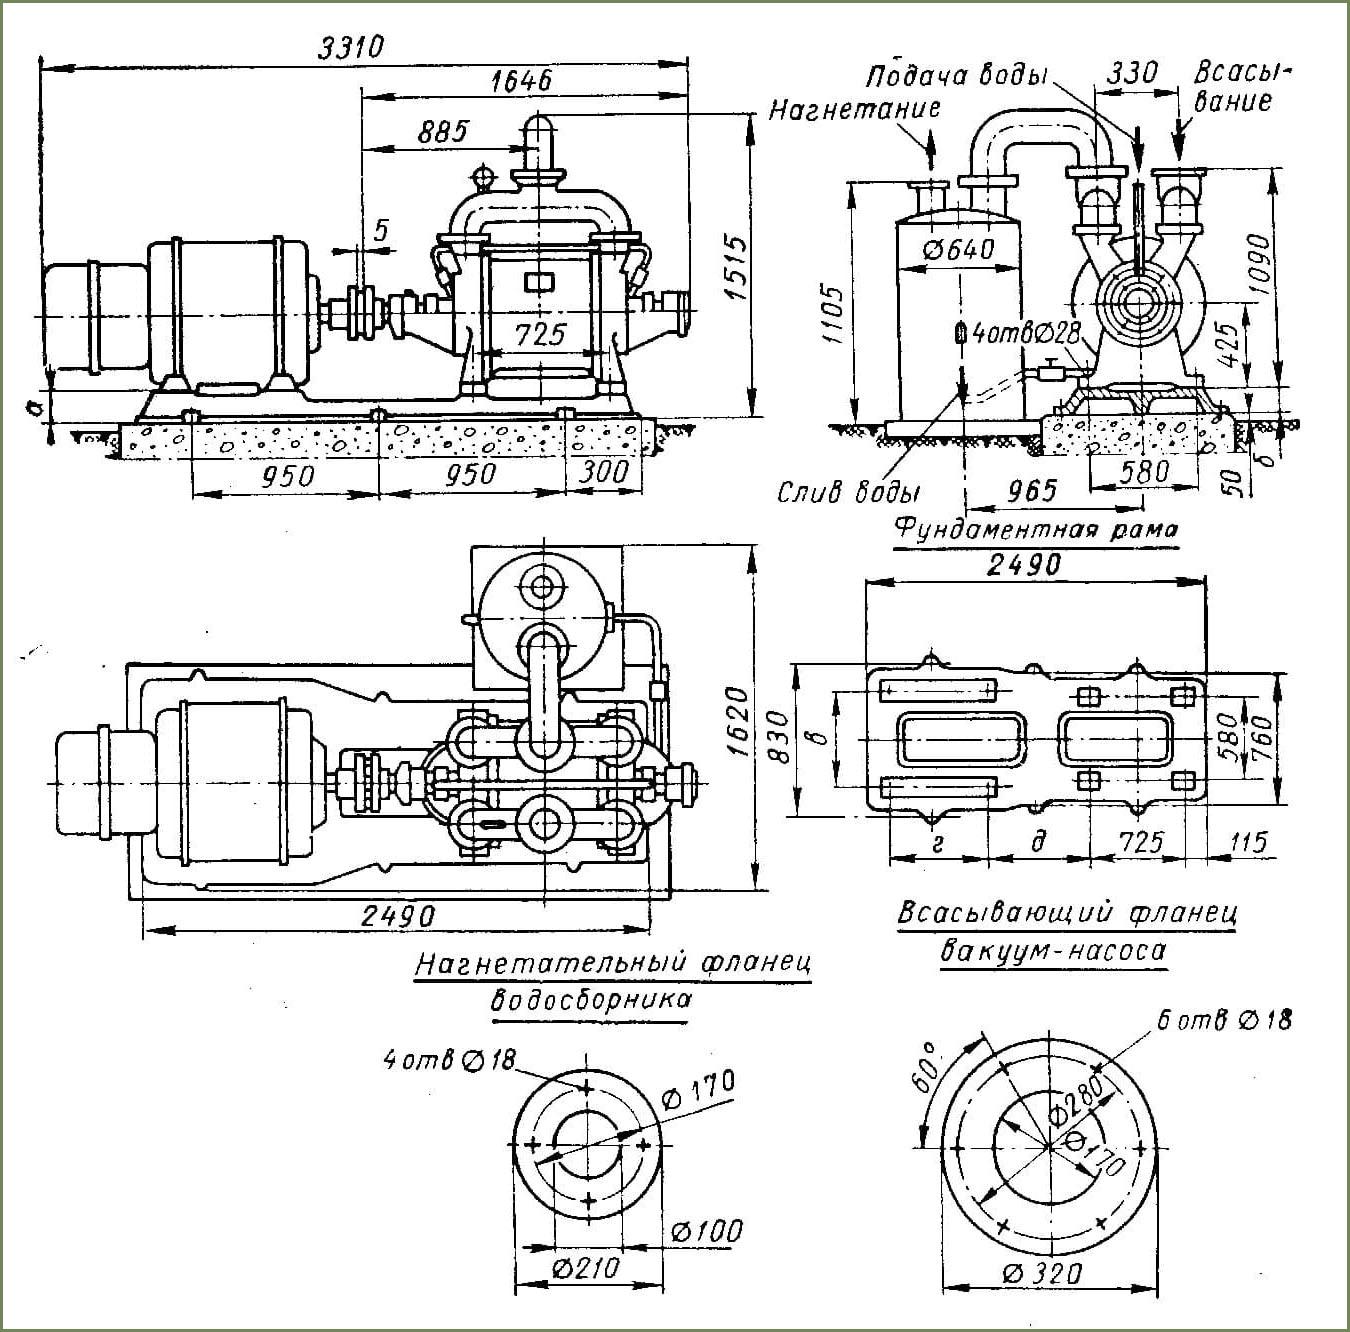 Габаритный чертеж и присоединительные размеры вакуум-насоса РМК-4